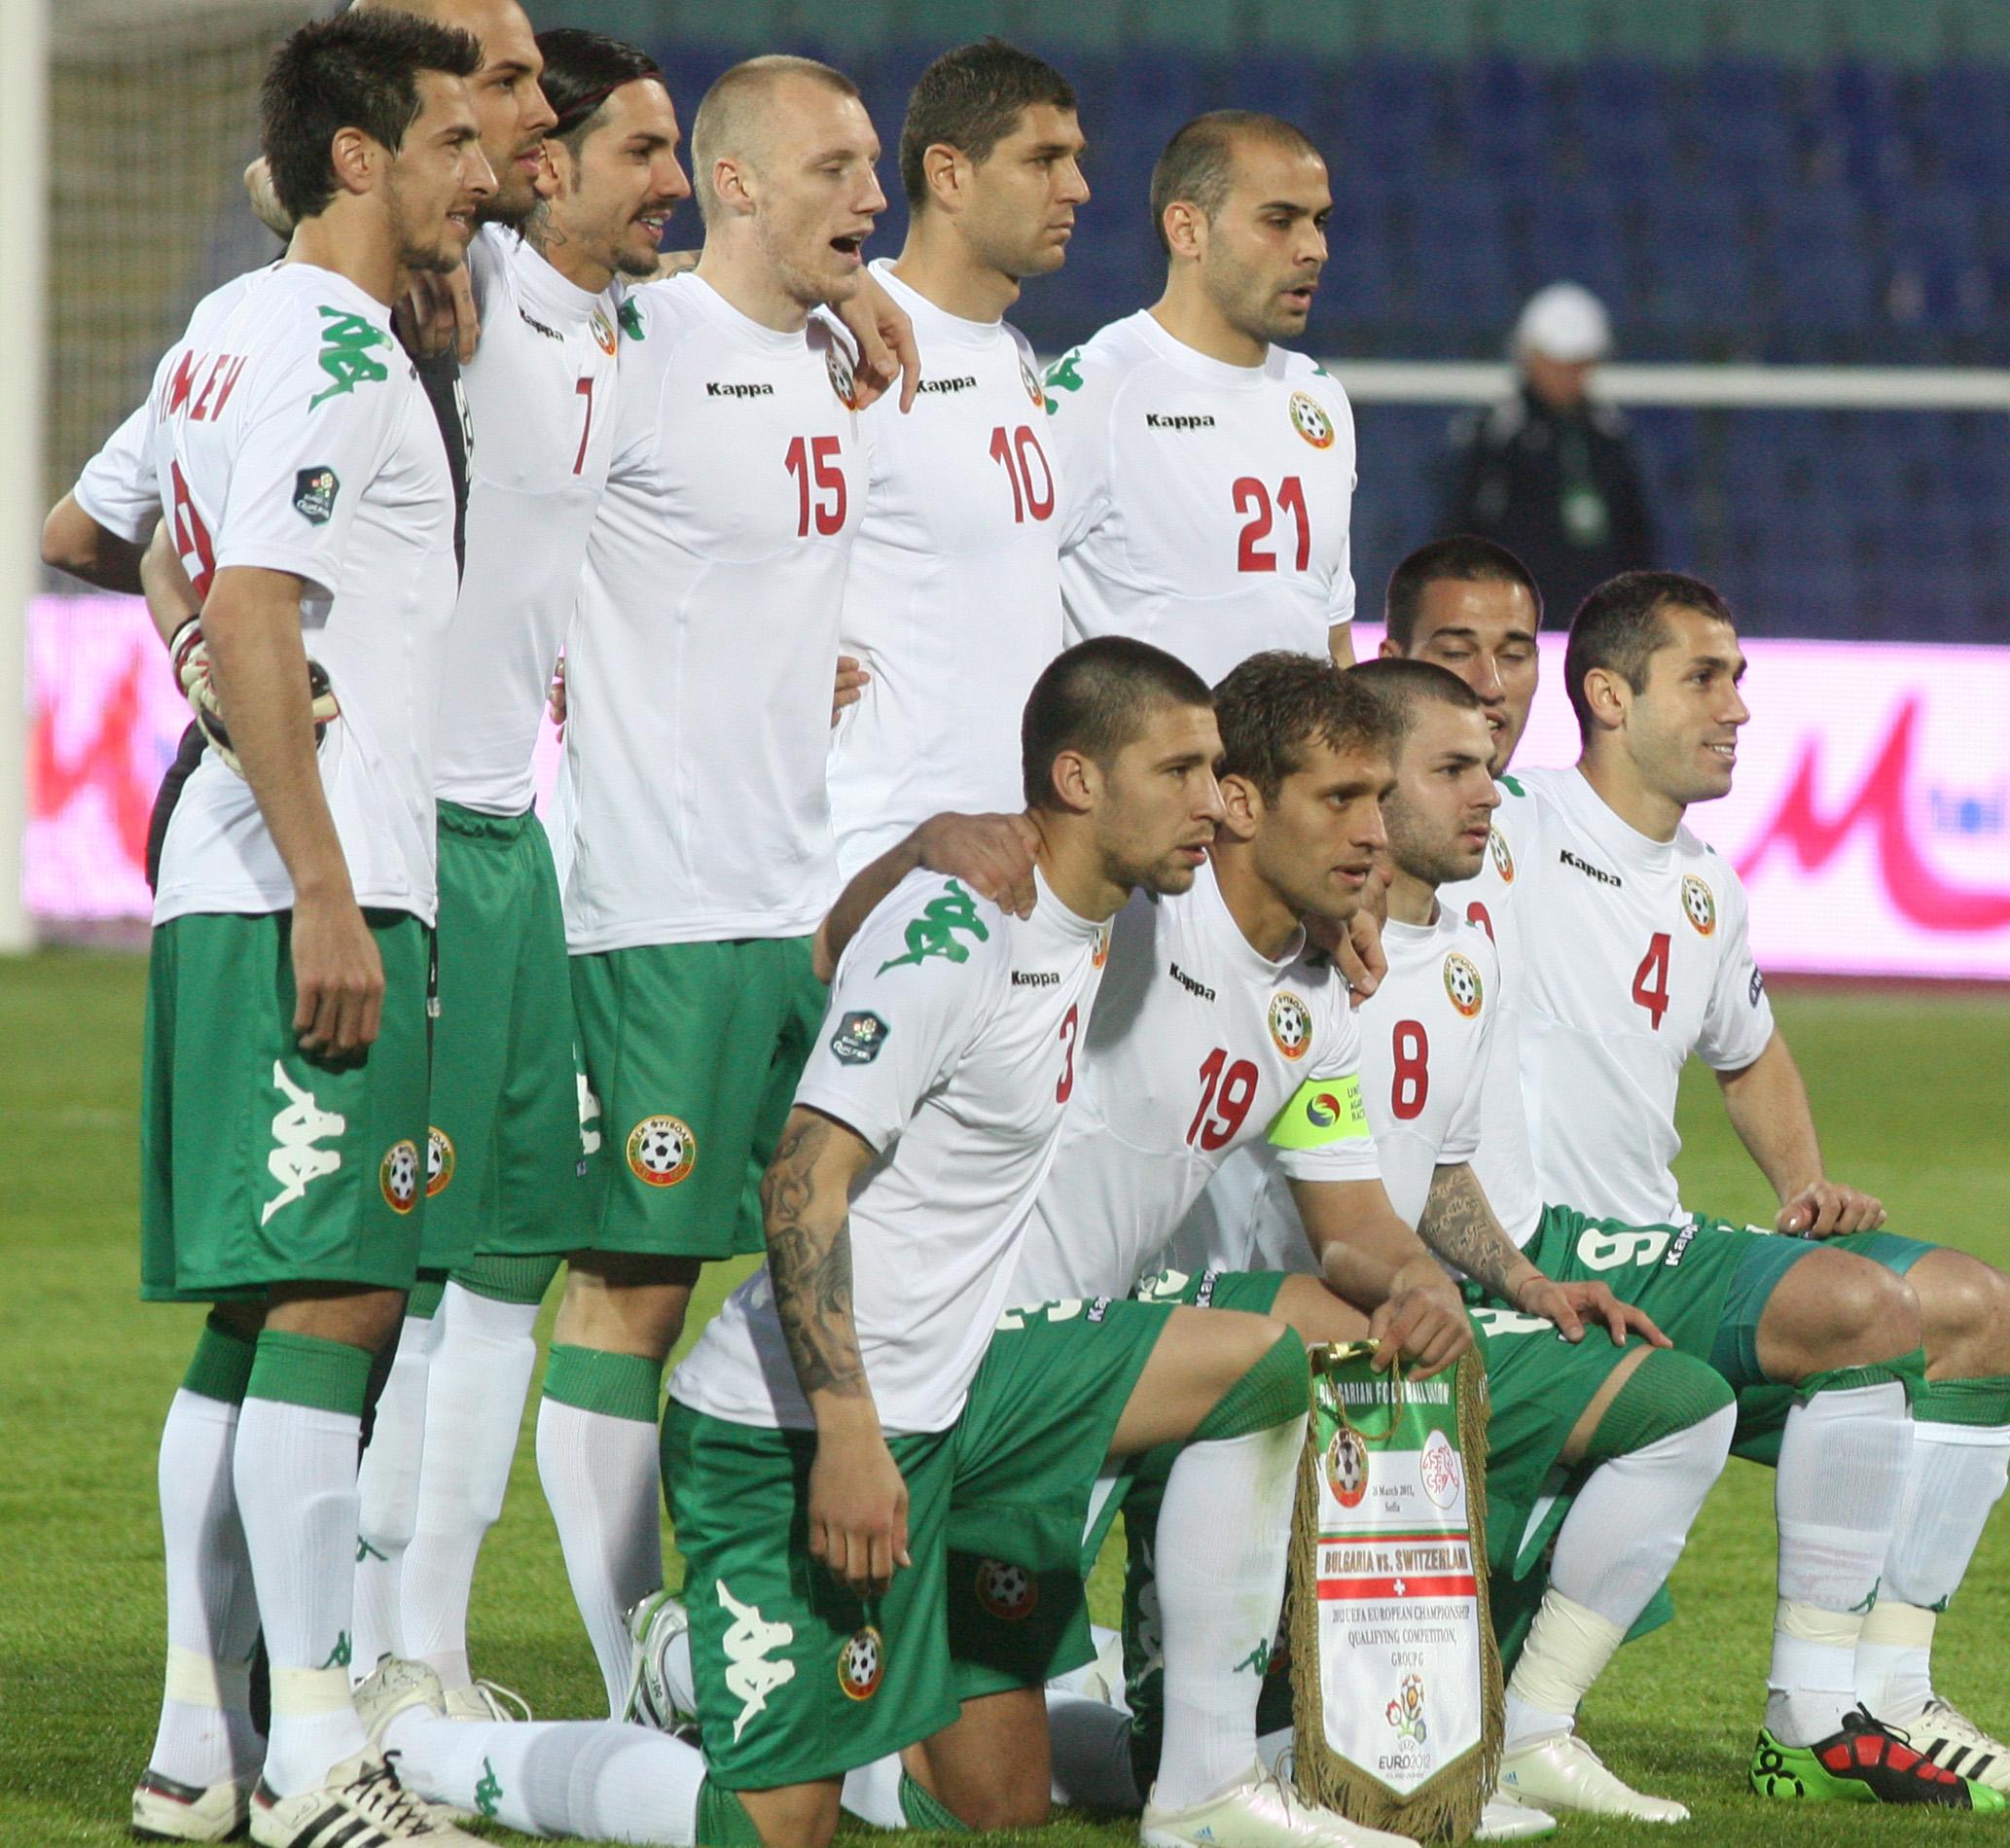 България започна подготовка за мачовете с Италия и Армения